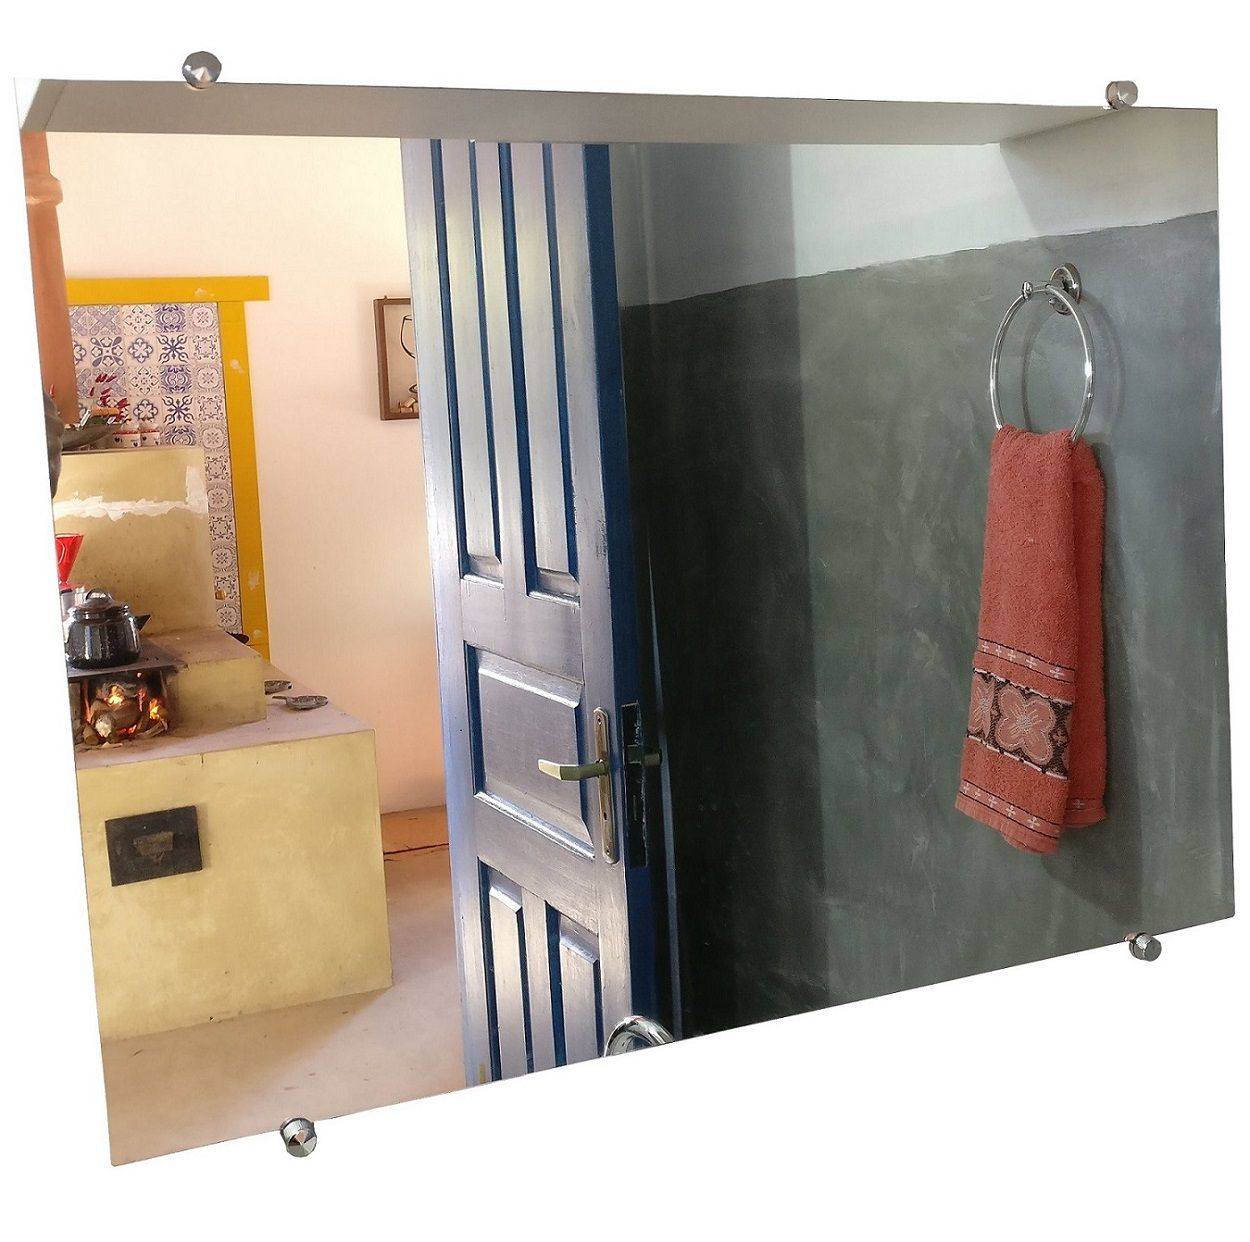 Kit 2 Espelho Pra Banheiro Casa 3mm Botão Francês 80 X 60 Cm